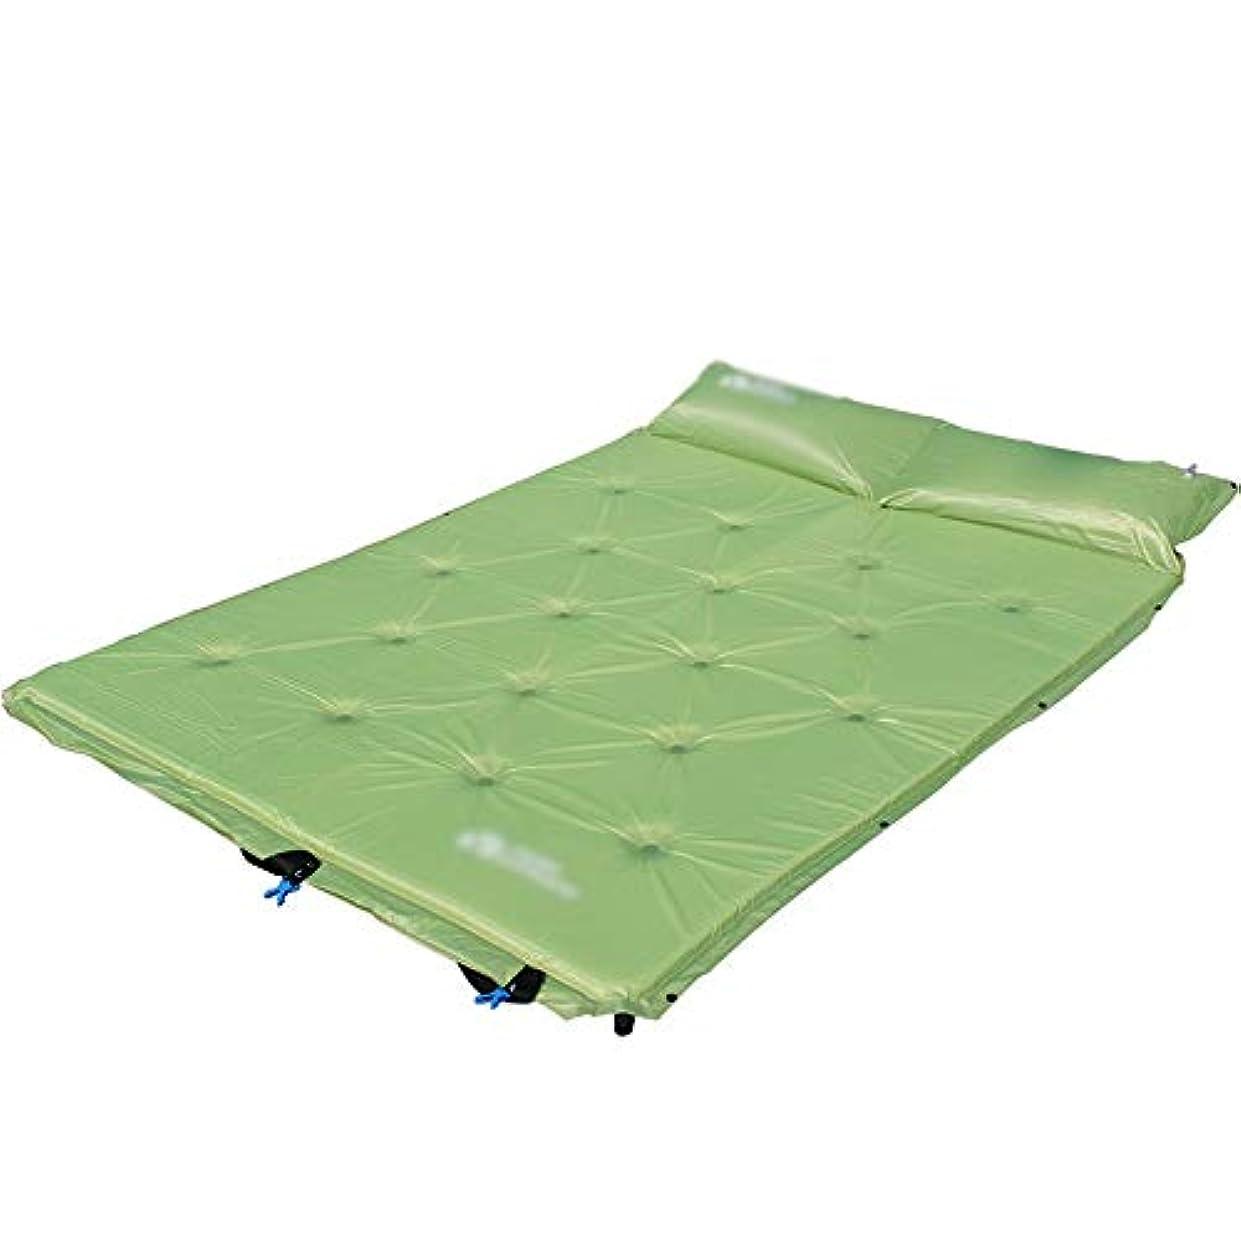 熟す下位解放自動エアマットレス、キャンプハイキングバックパックビーチに適した枕キャリングバッグ付きシングル/ダブル防湿キャンプマット (Size : F)